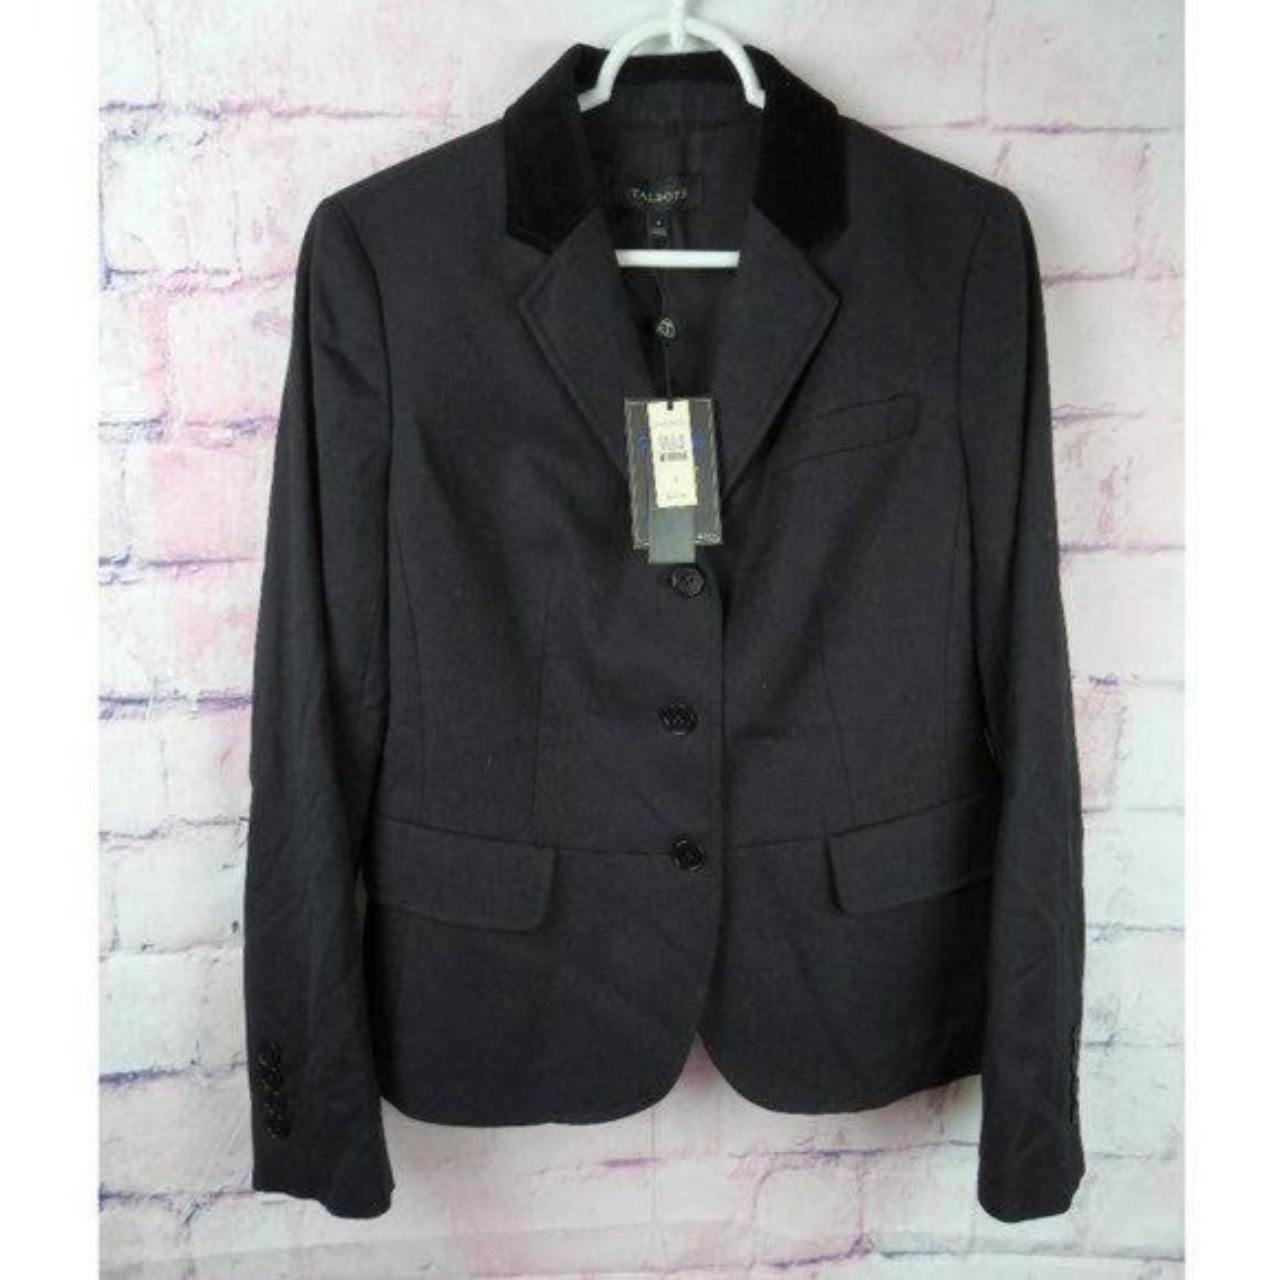 Product Image 1 - Talbots Black Blazer Jacket Size